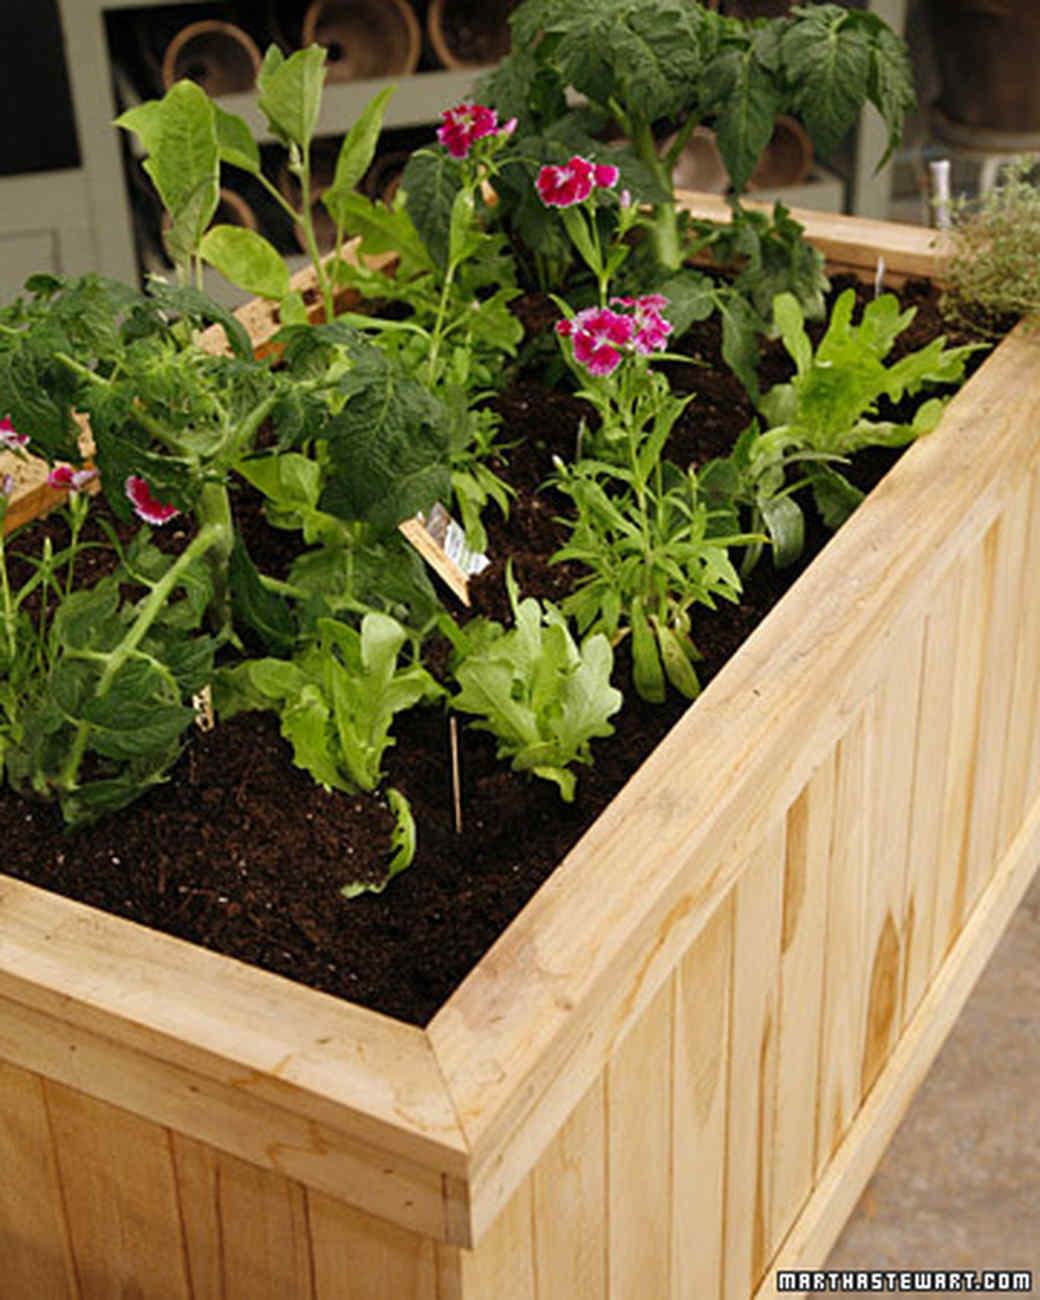 Balcony Vegetable Garden Ideas Part - 41: Martha Stewart